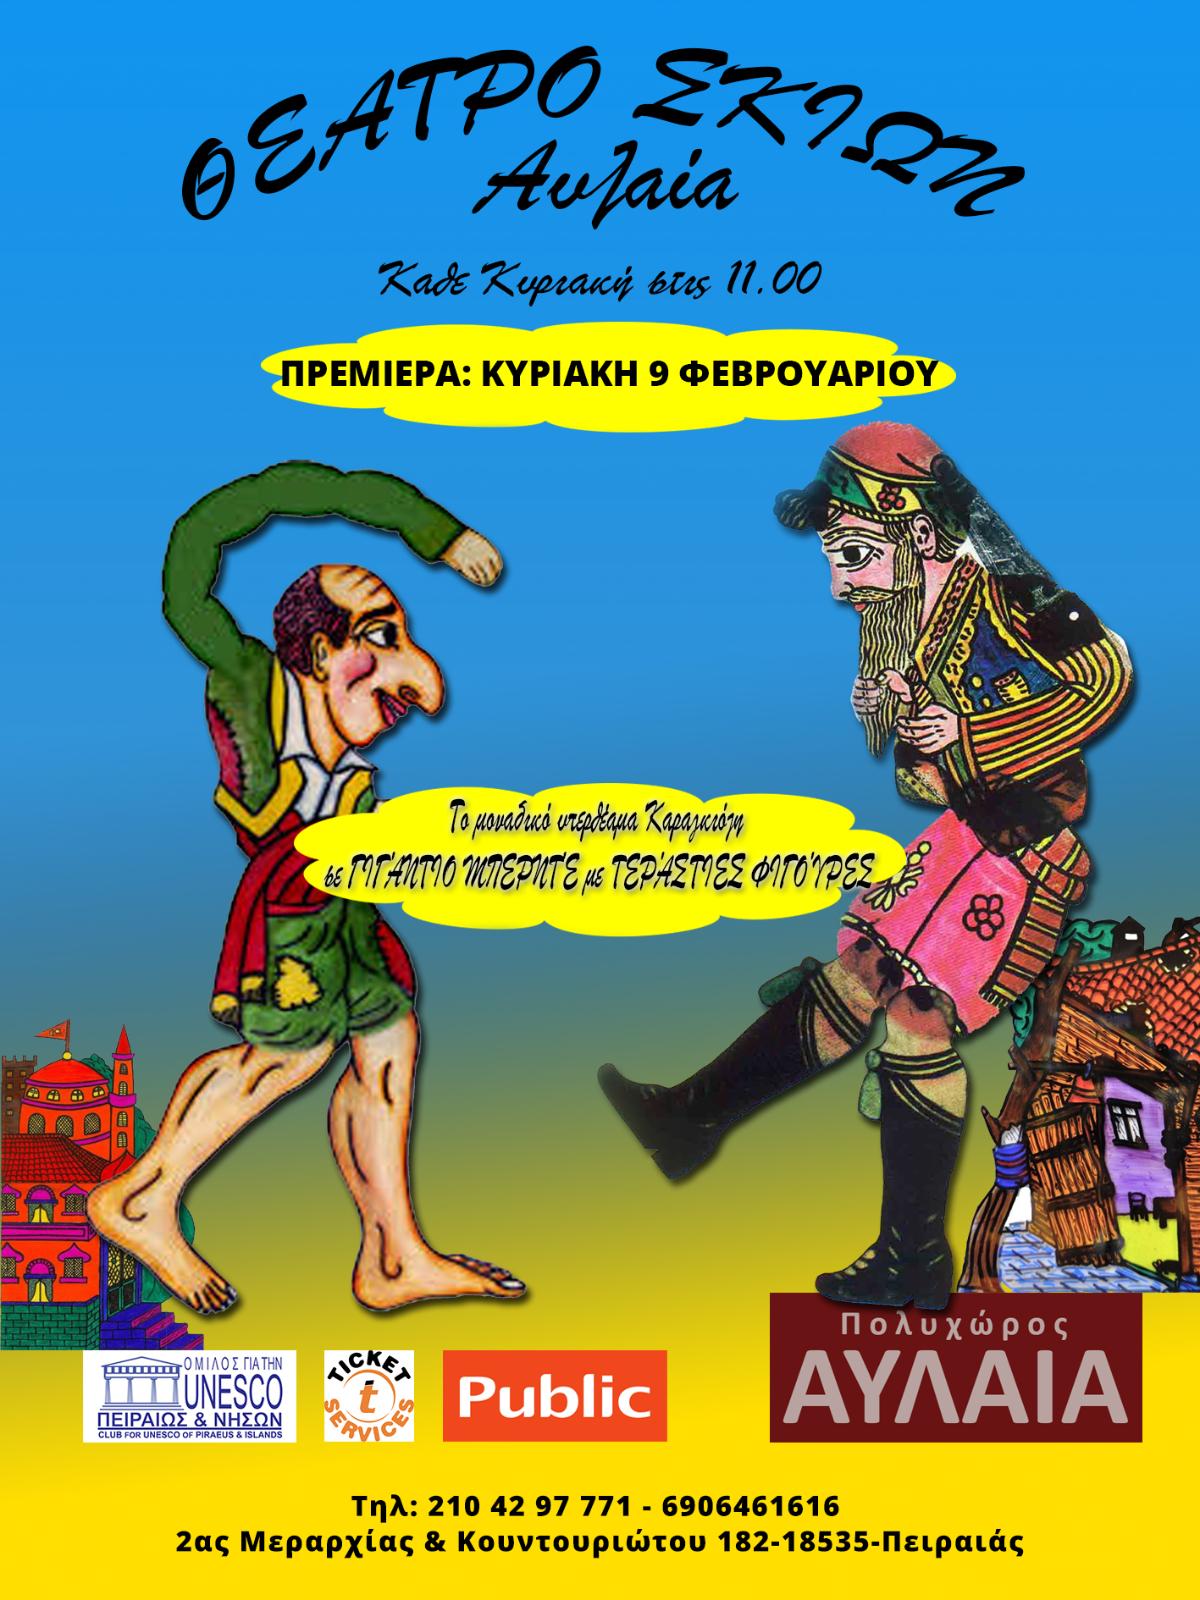 Θέατρο Σκιών Θανάση Λιούνη | Ο Καραγκιόζης έρχεται στο Θέατρο Αυλαία